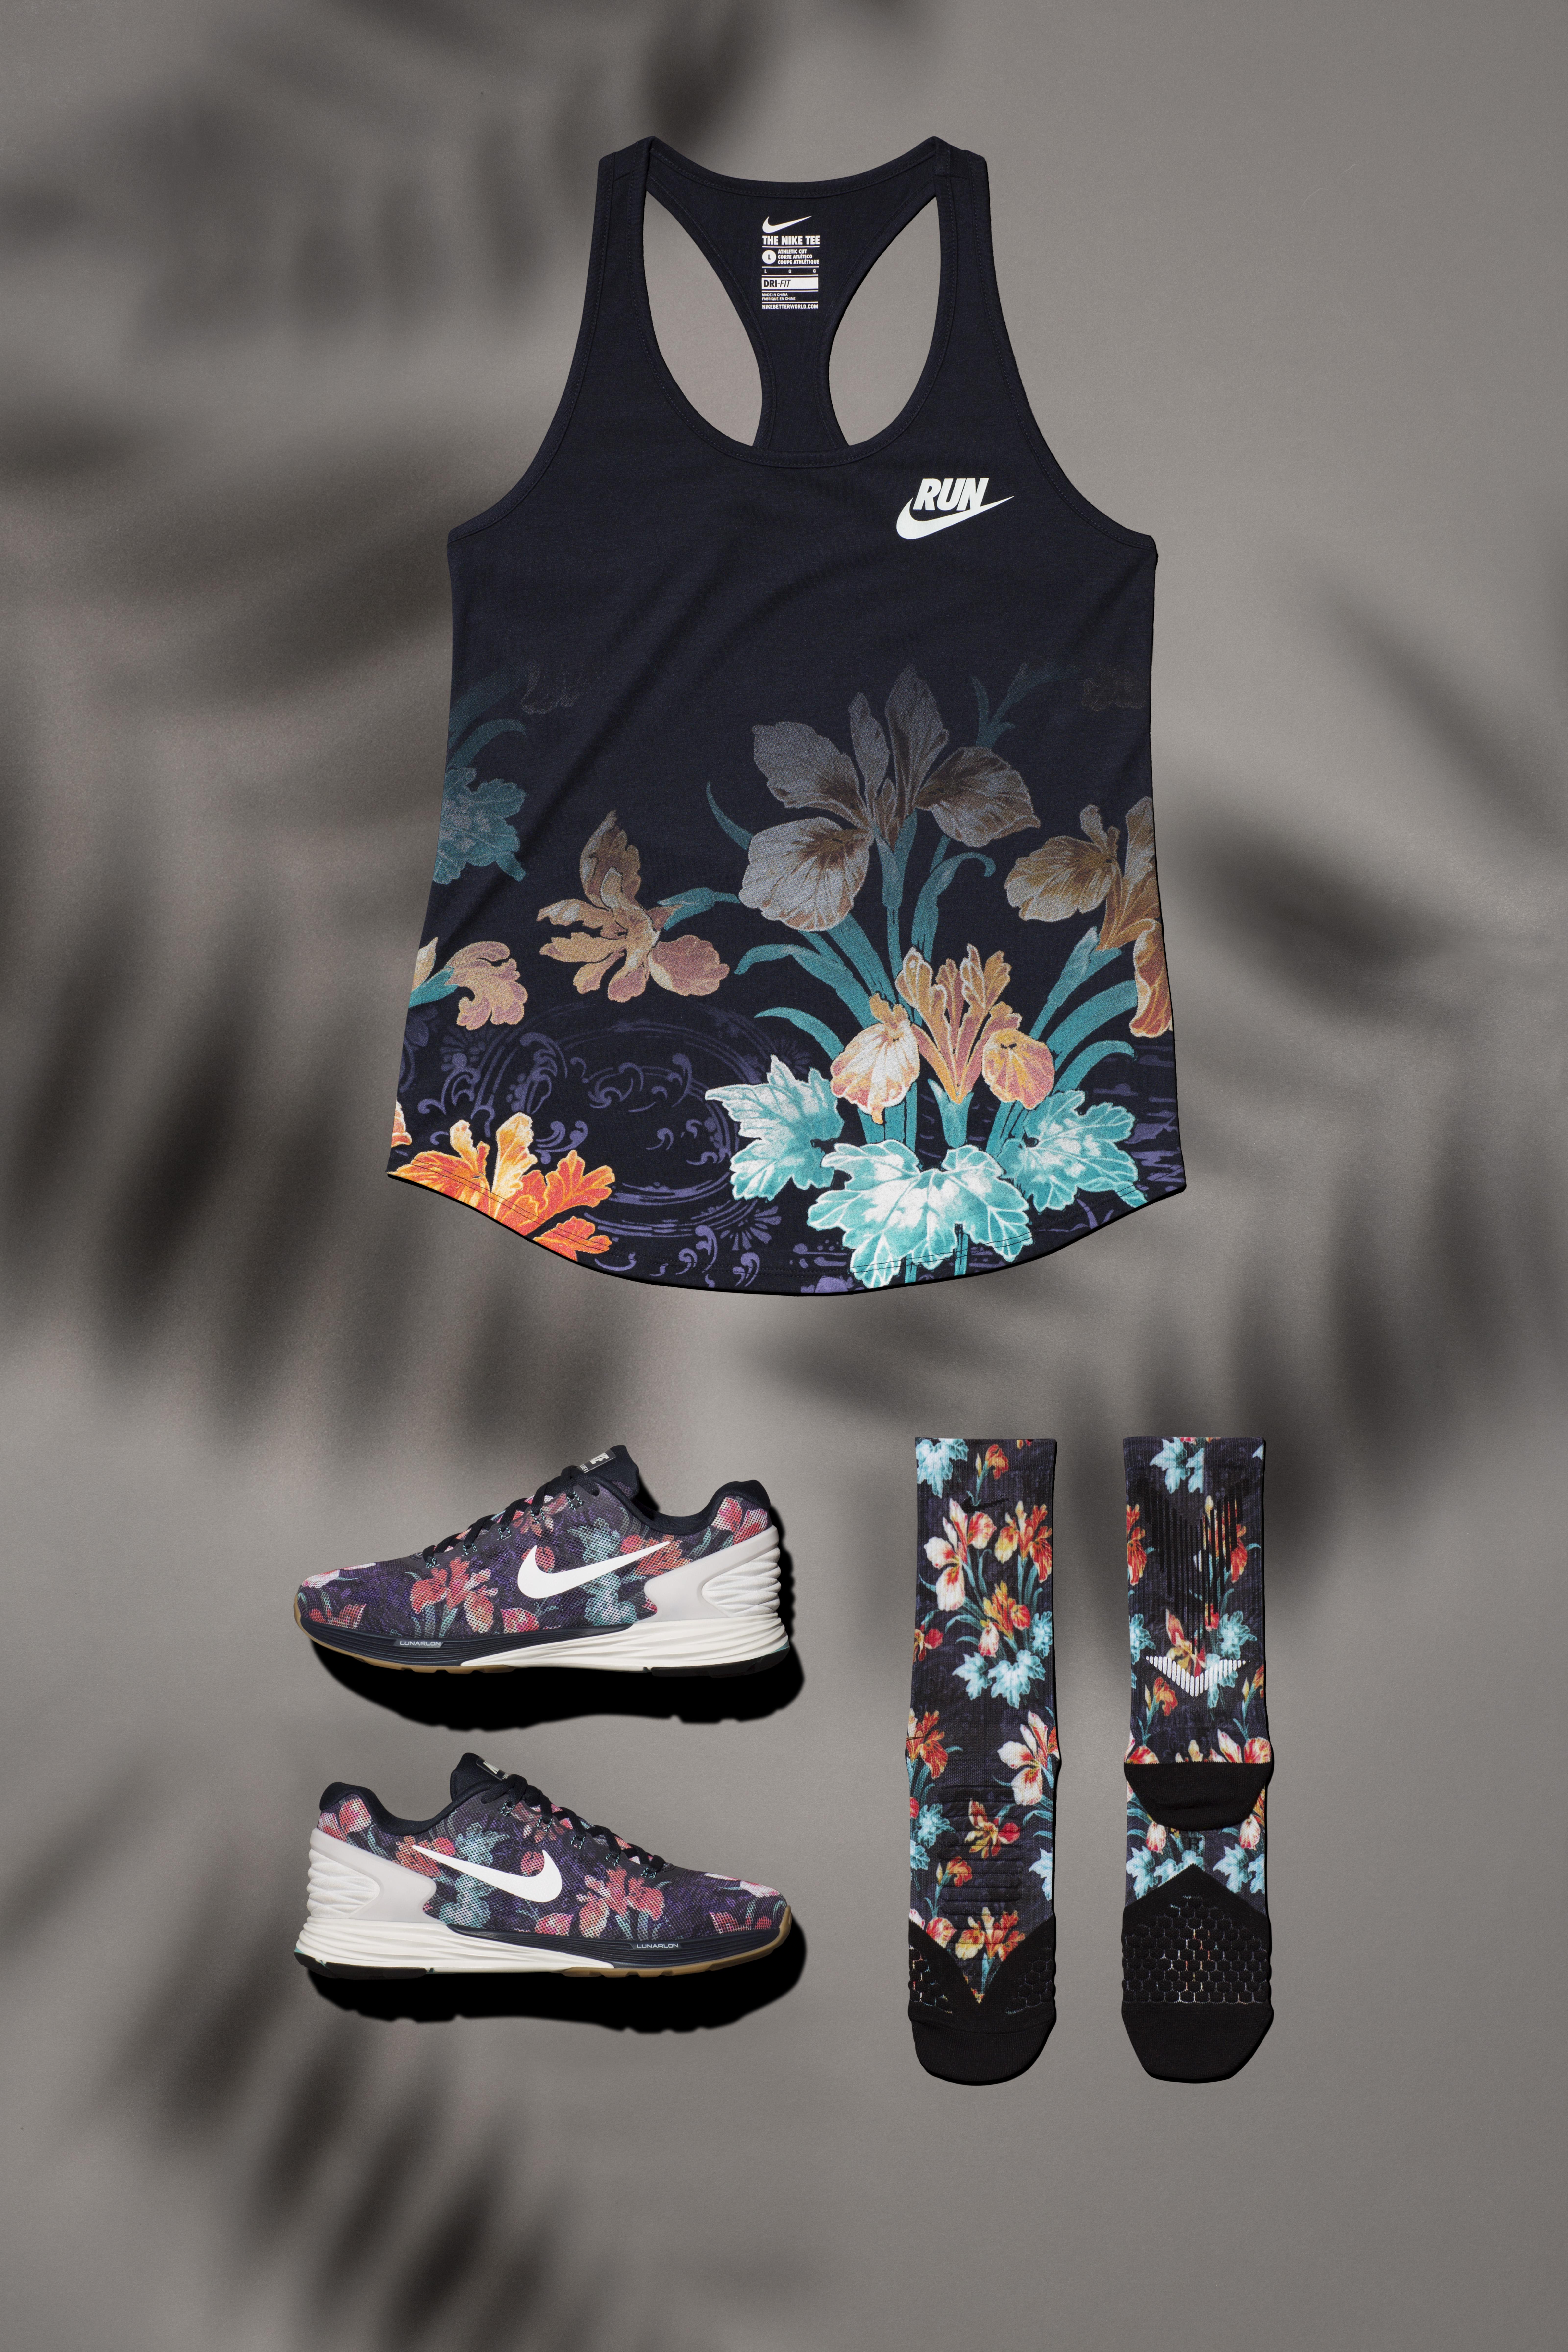 Nike Lunarglide Top 6 Des Femmes Florales véritable ligne 3fheka